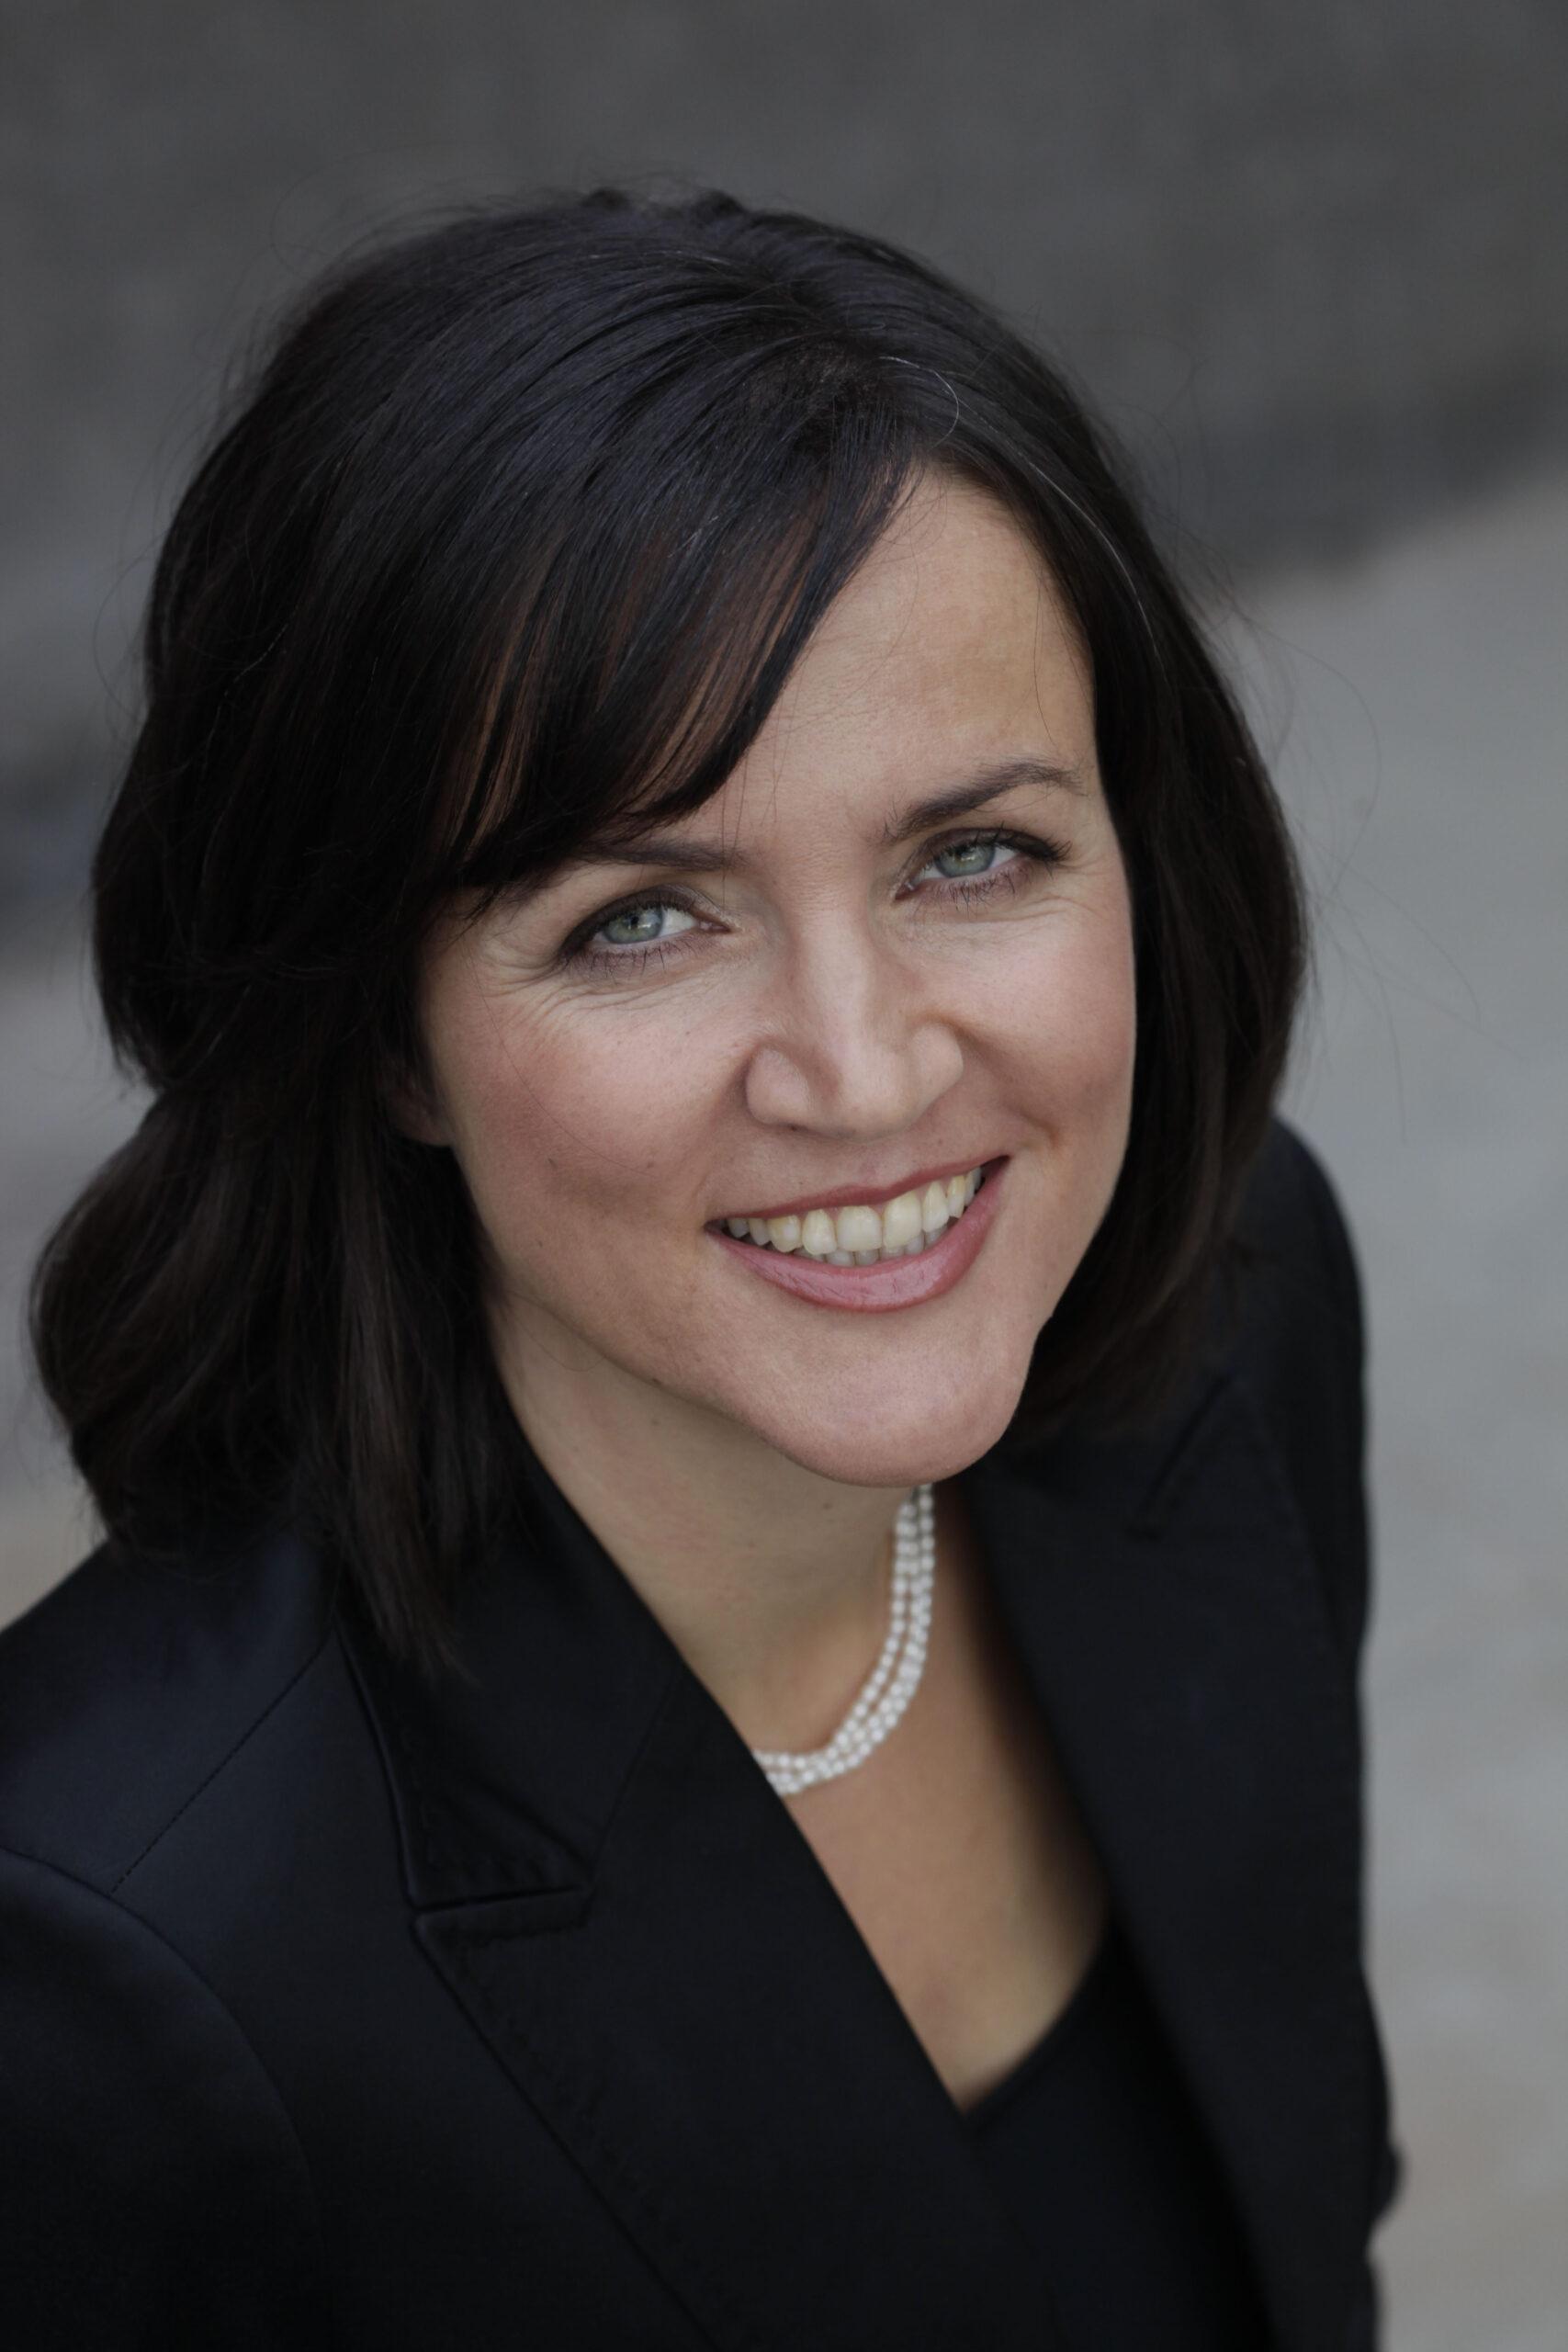 Katja Kruckeberg